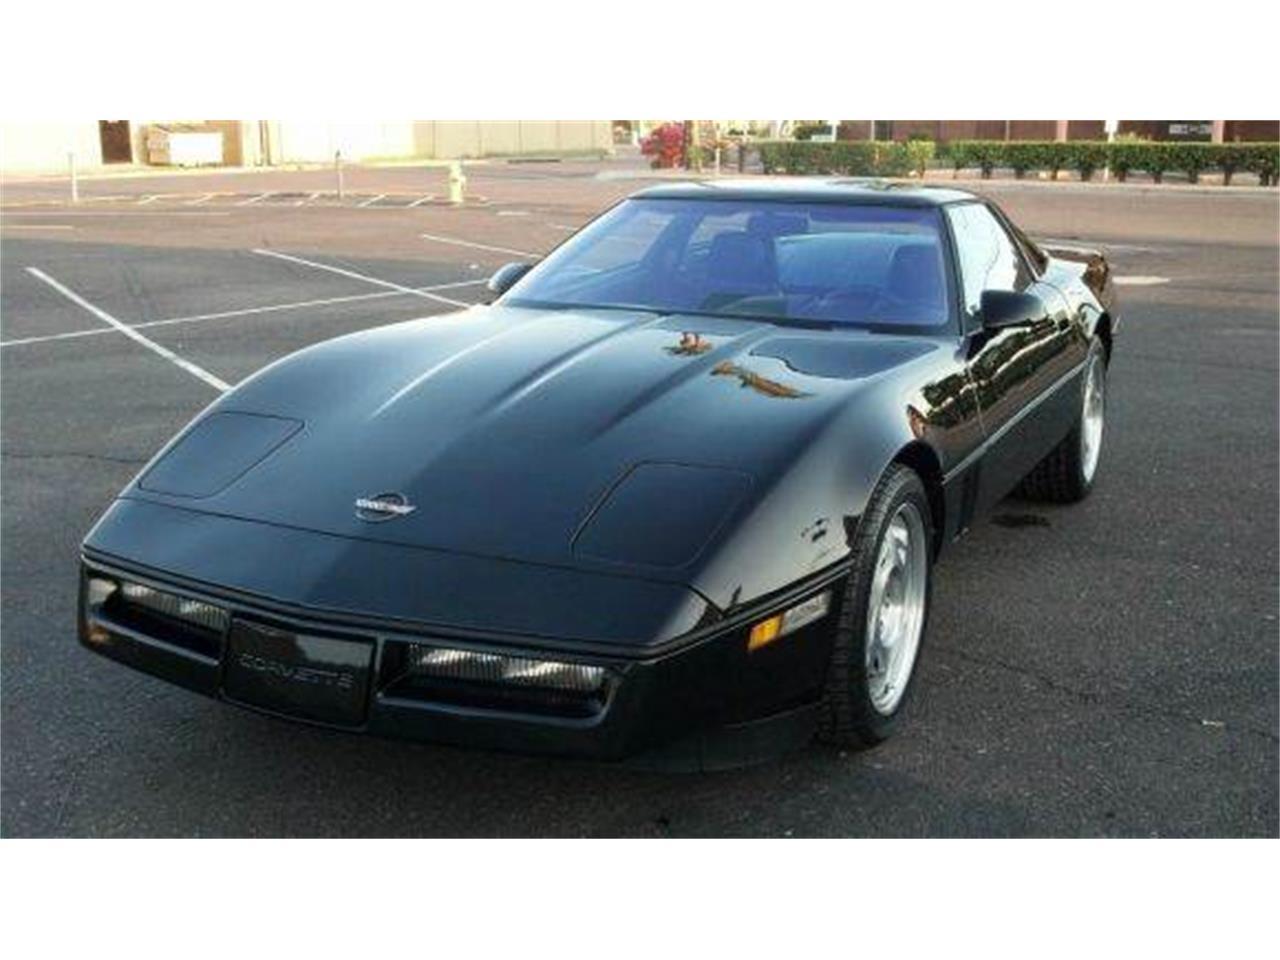 For Sale: 1990 Chevrolet Corvette in Hilton, New York